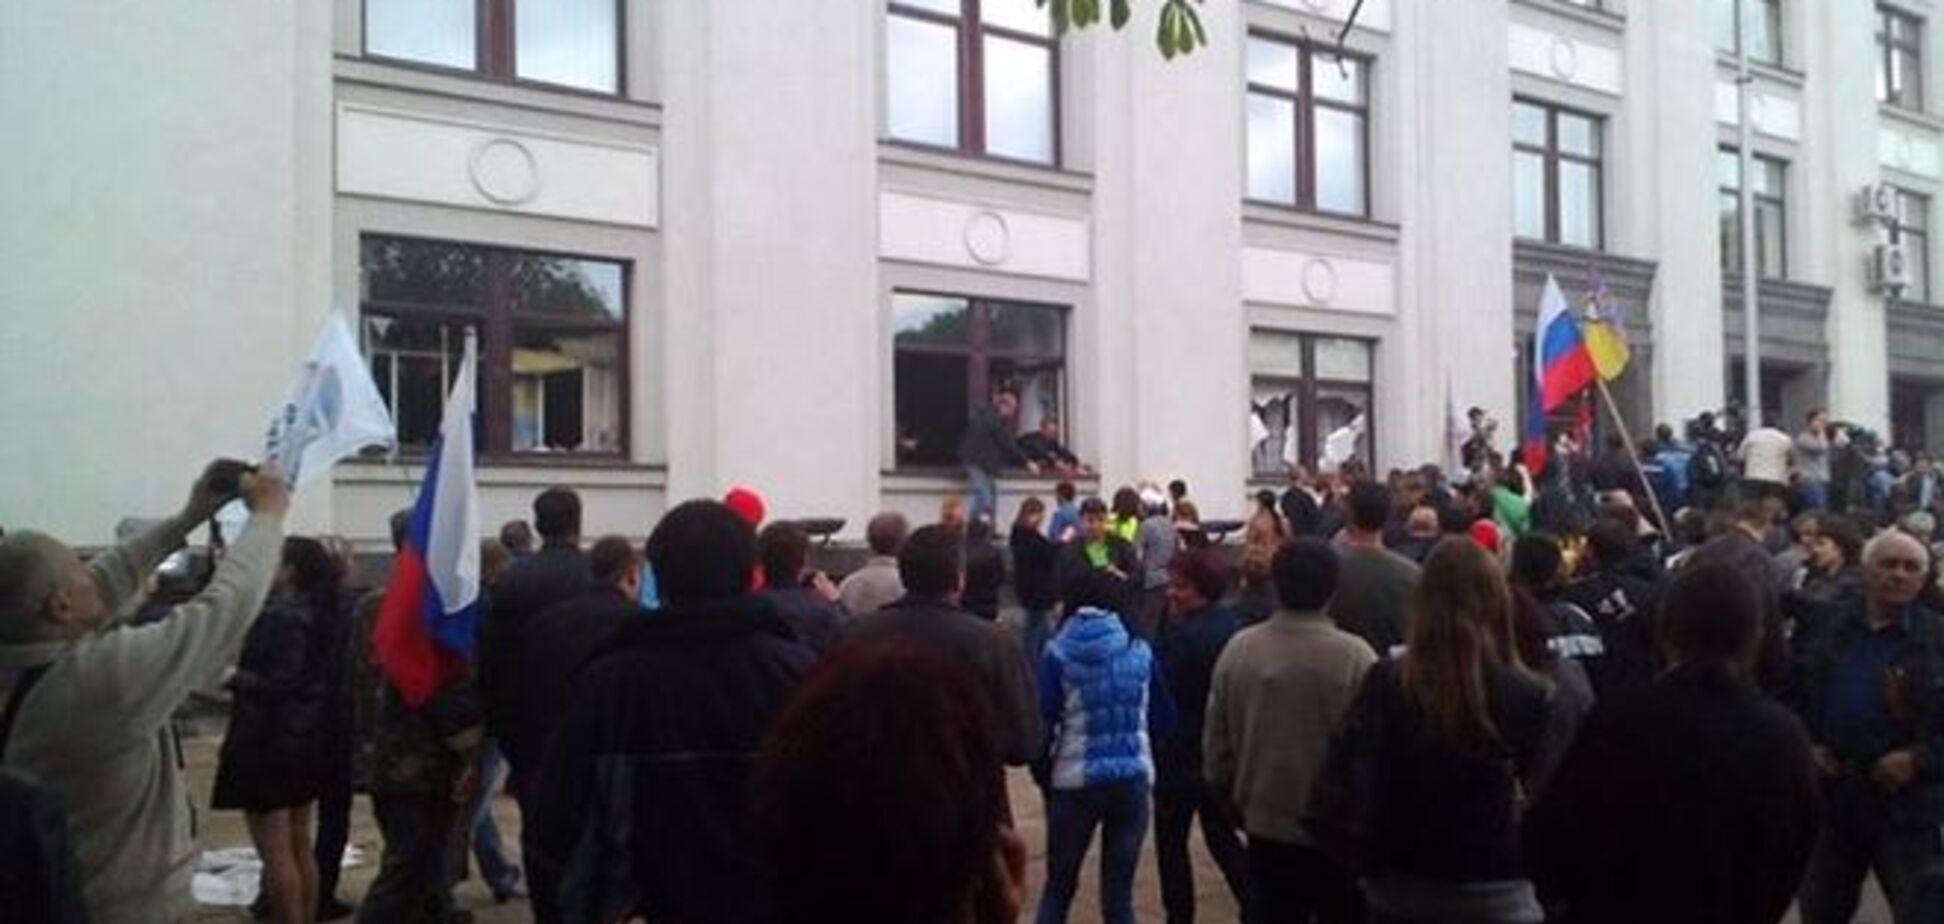 Захватчики присвоили личные вещи сотрудников Луганской ОГА